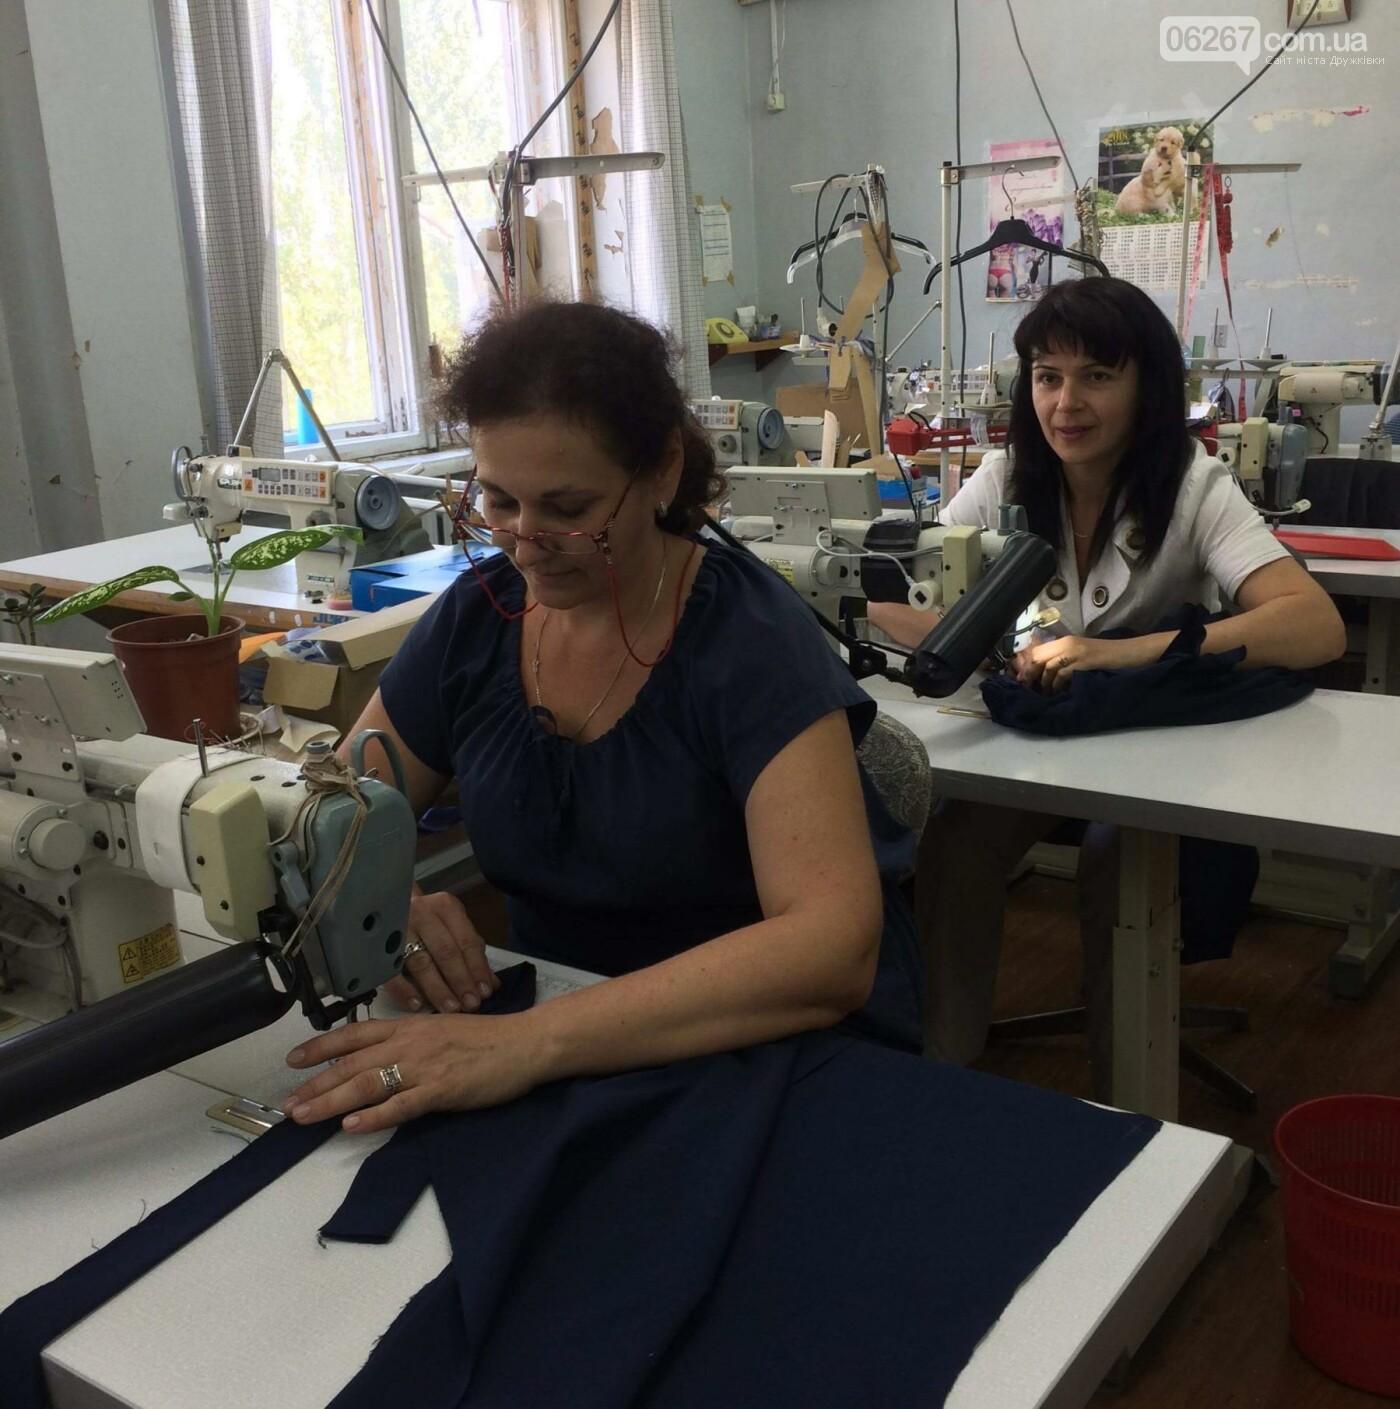 В Дружковке провели День открытых дверей на швейном производстве (ФОТО), фото-1